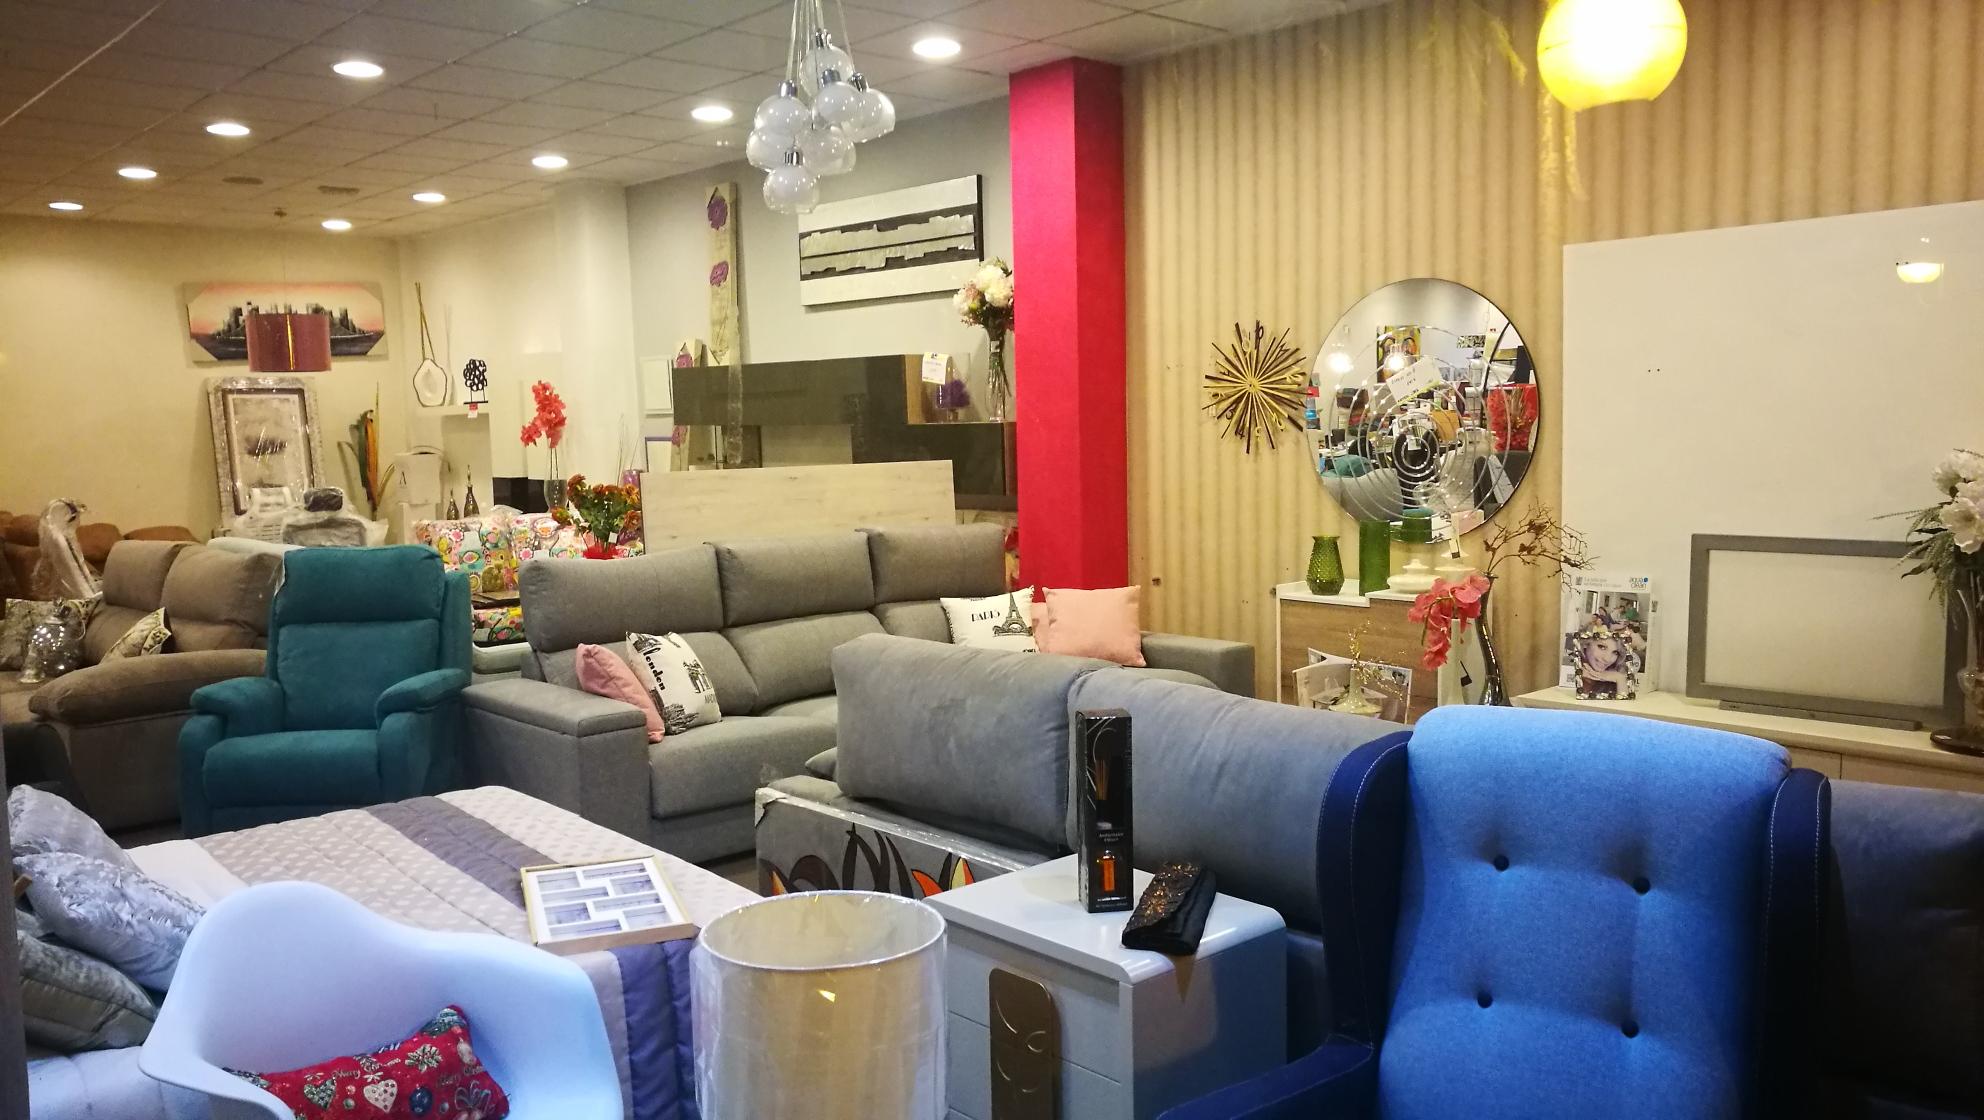 New Mobel Tienda De Muebles En Alcantarilla Discover In Murcia # Muebles Oeste Alcantarilla